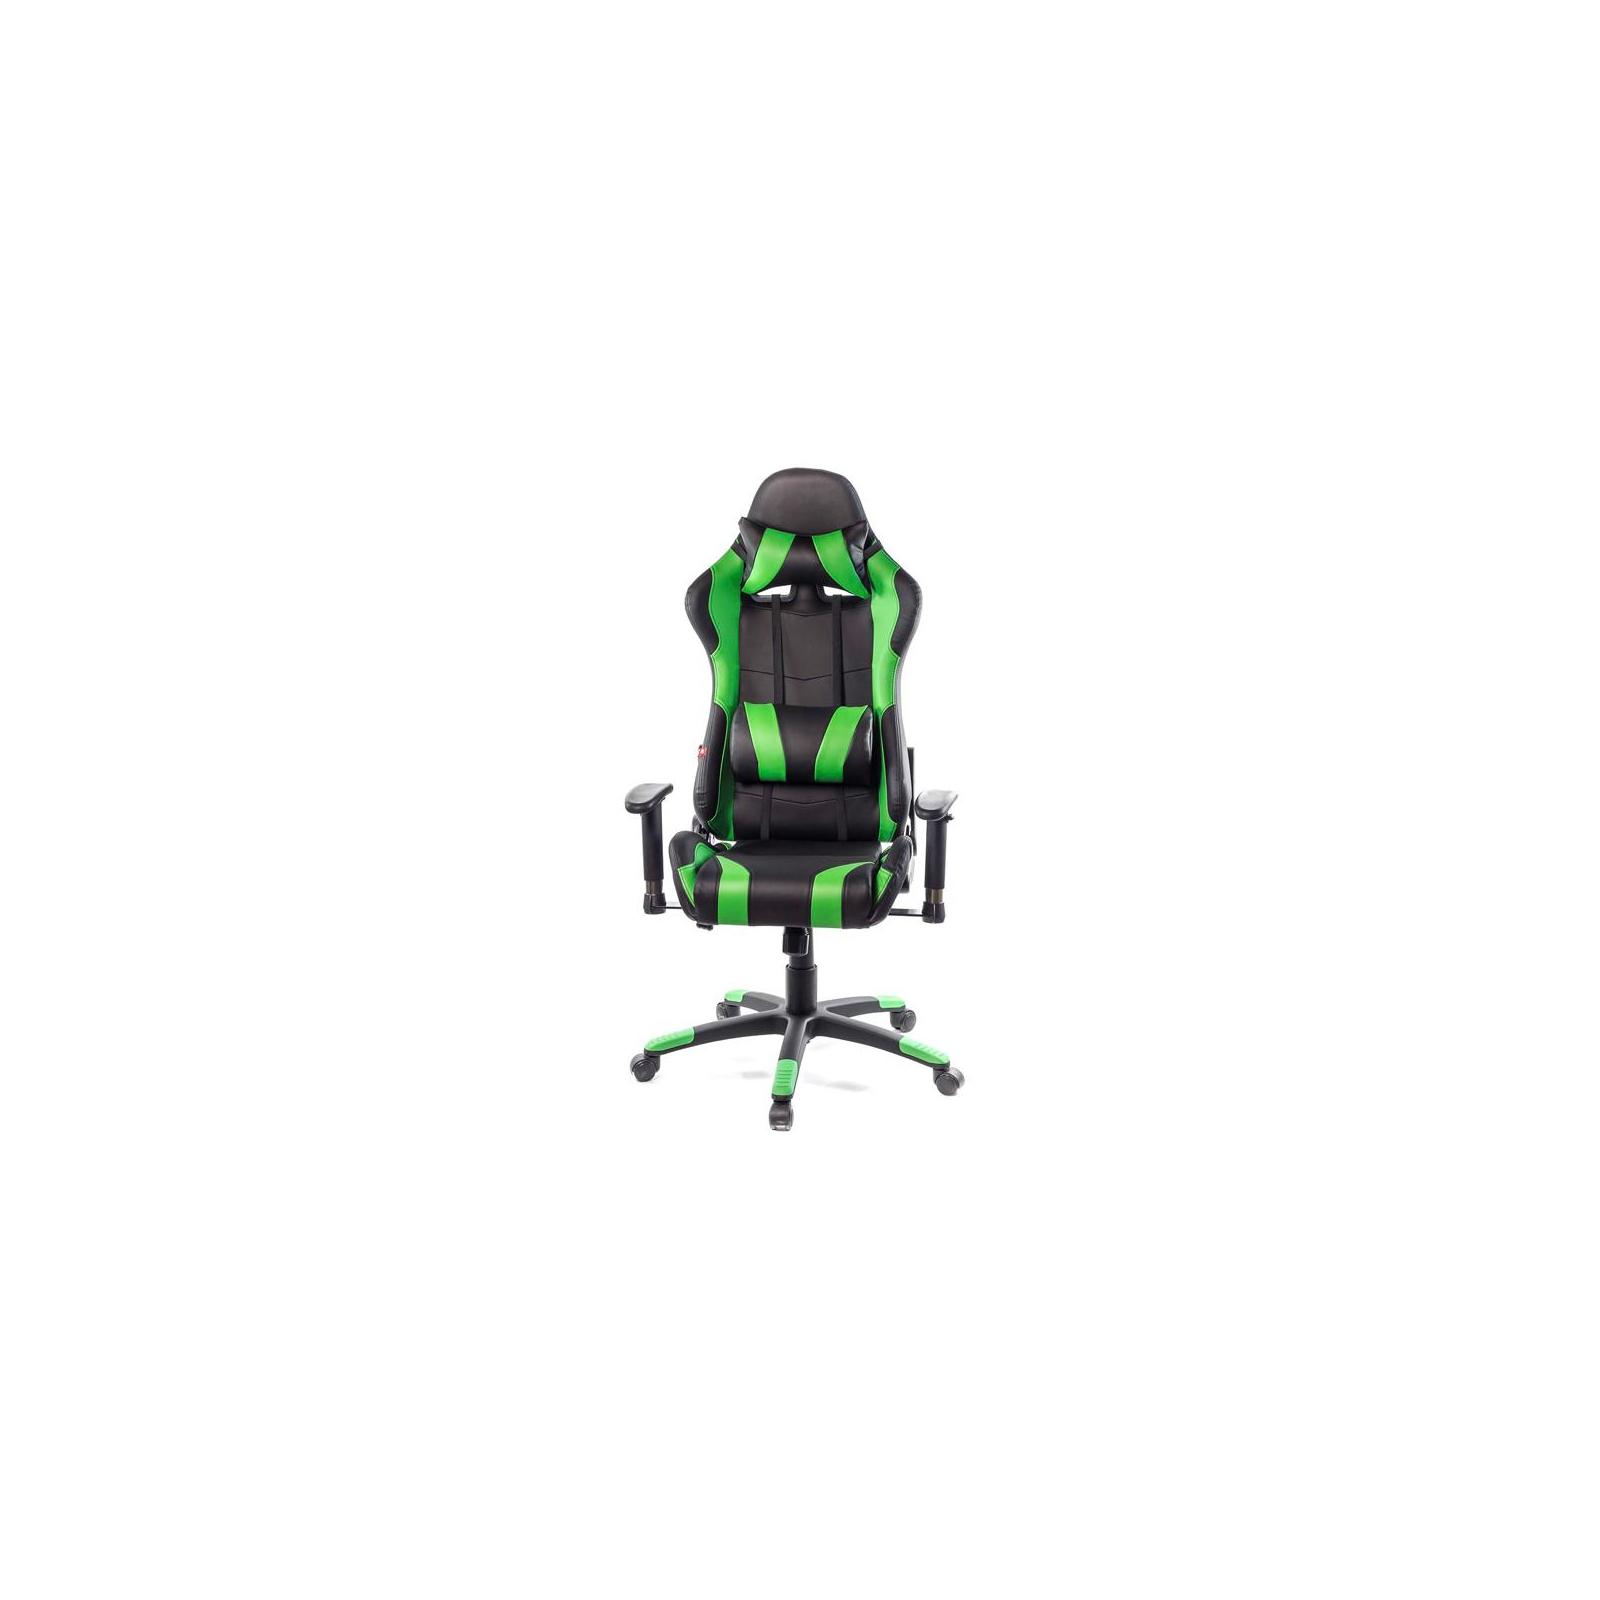 Кресло игровое АКЛАС Хорнет PL RL Зеленое (09442) изображение 2